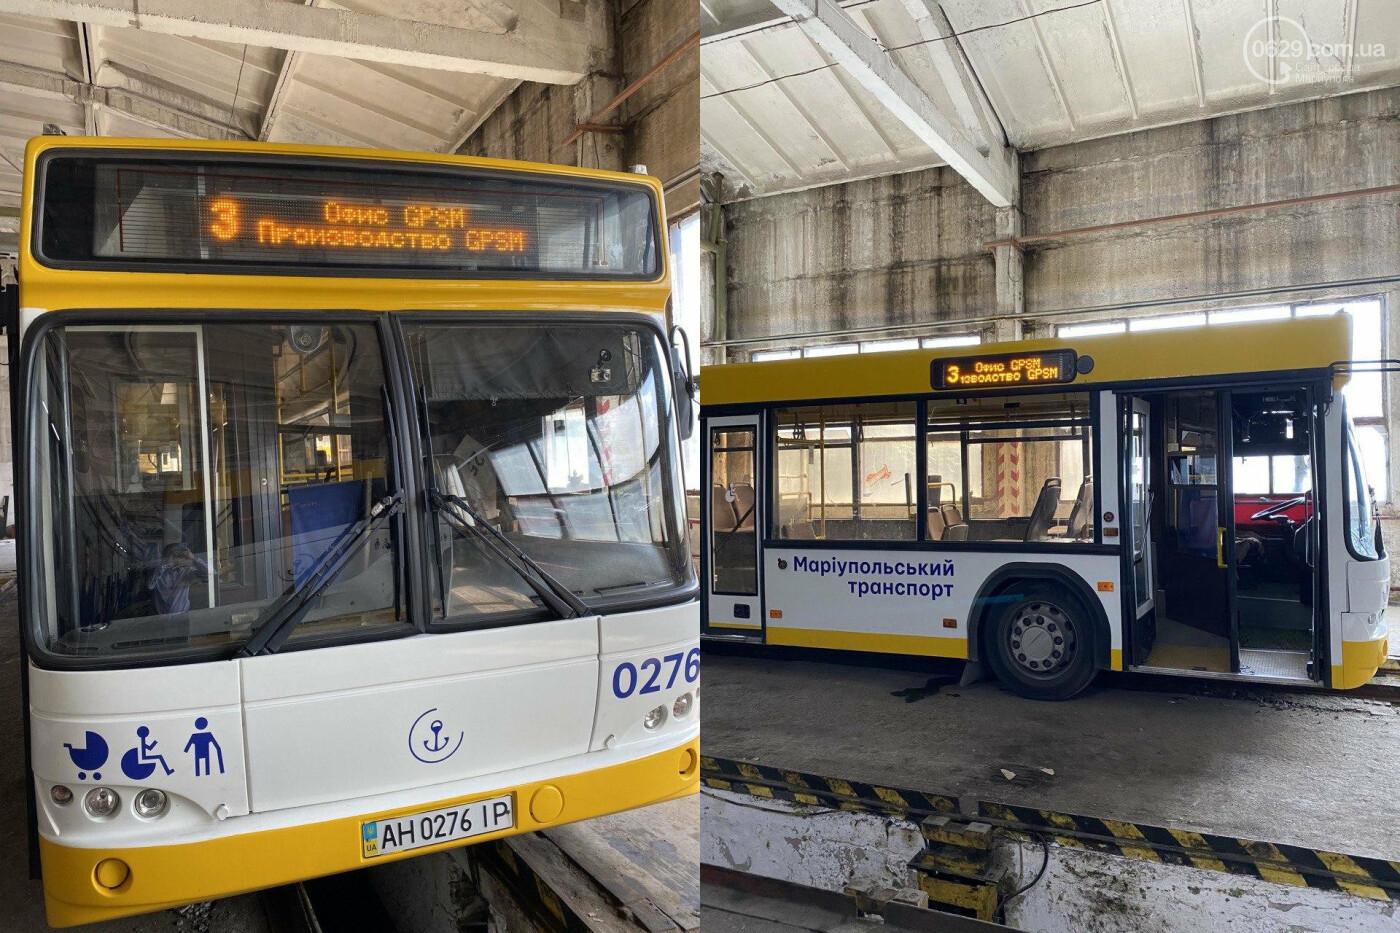 В Мариуполе запустили обновленную систему автоинформирования пассажиров в автобусах, фото-3